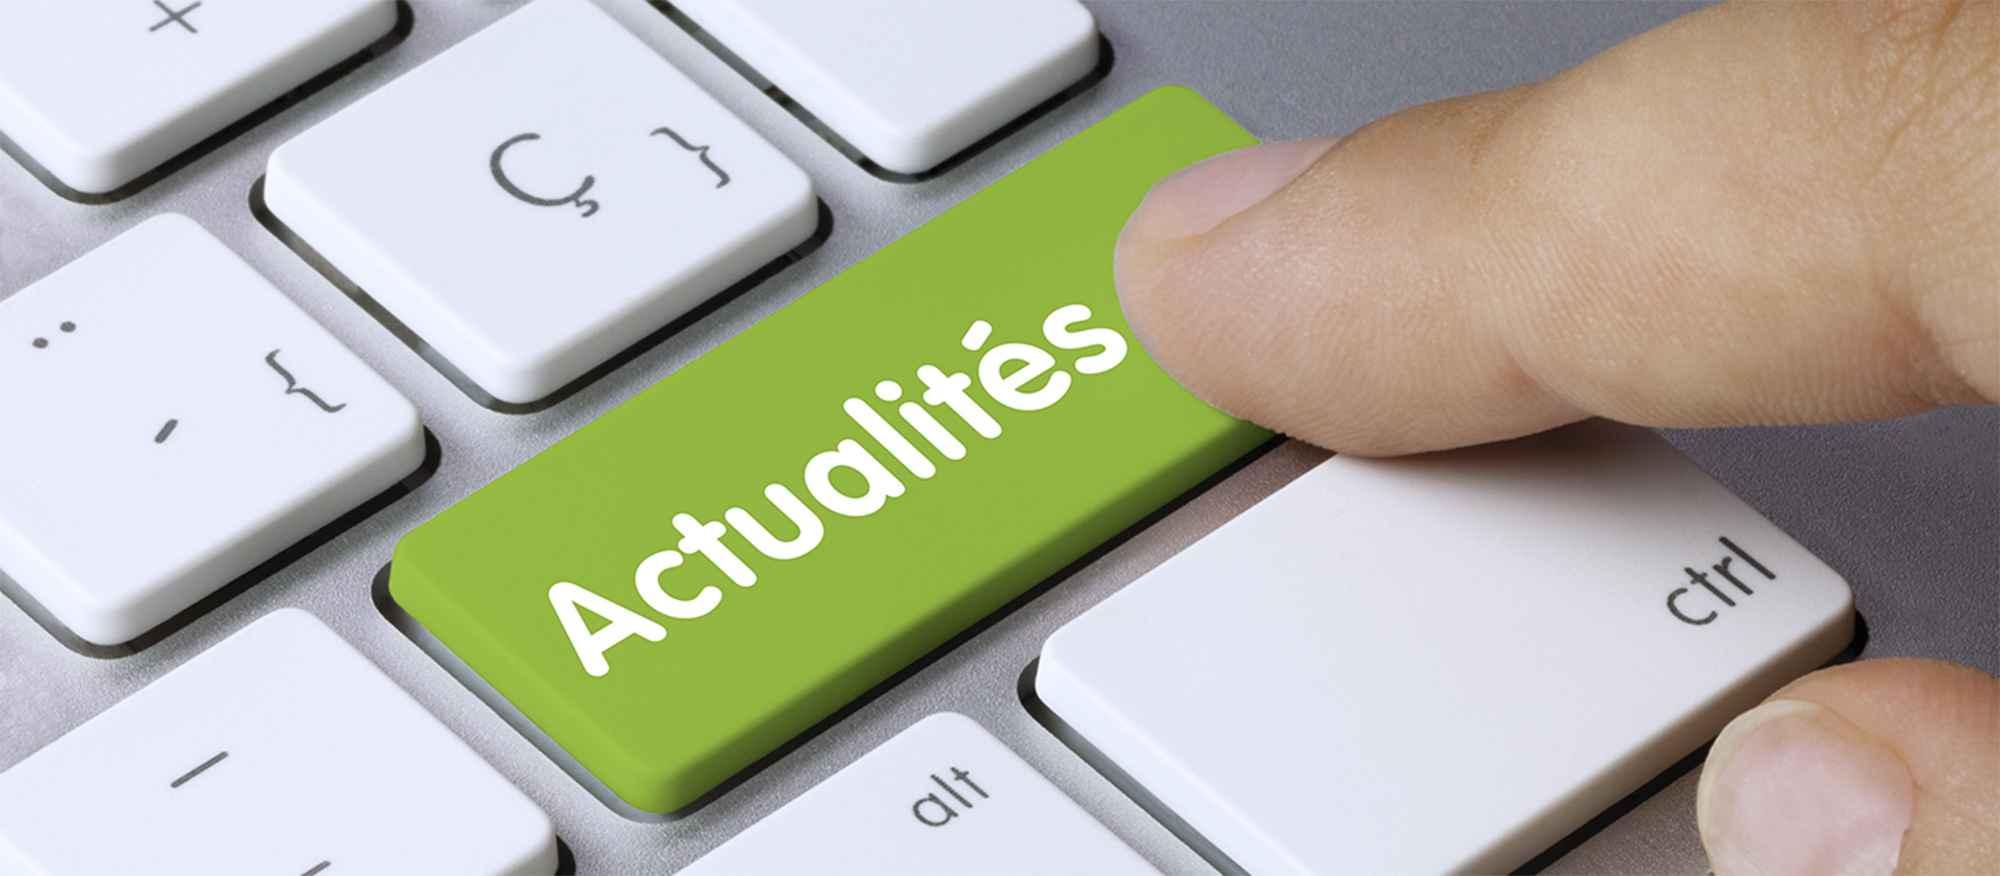 b-actus